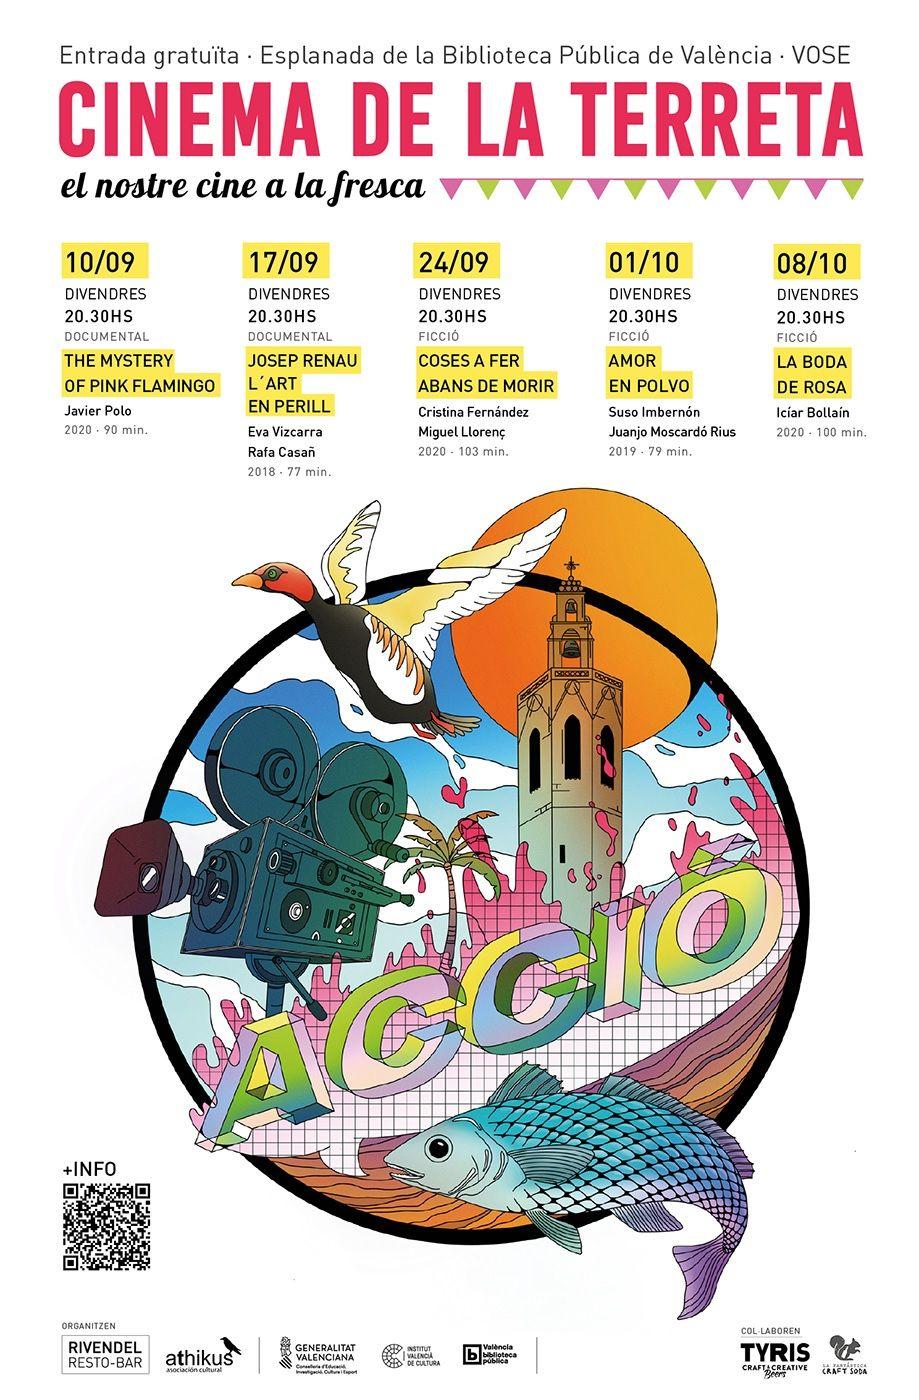 Cinema de la terreta, cine valenciano gratis a la fresca valencia